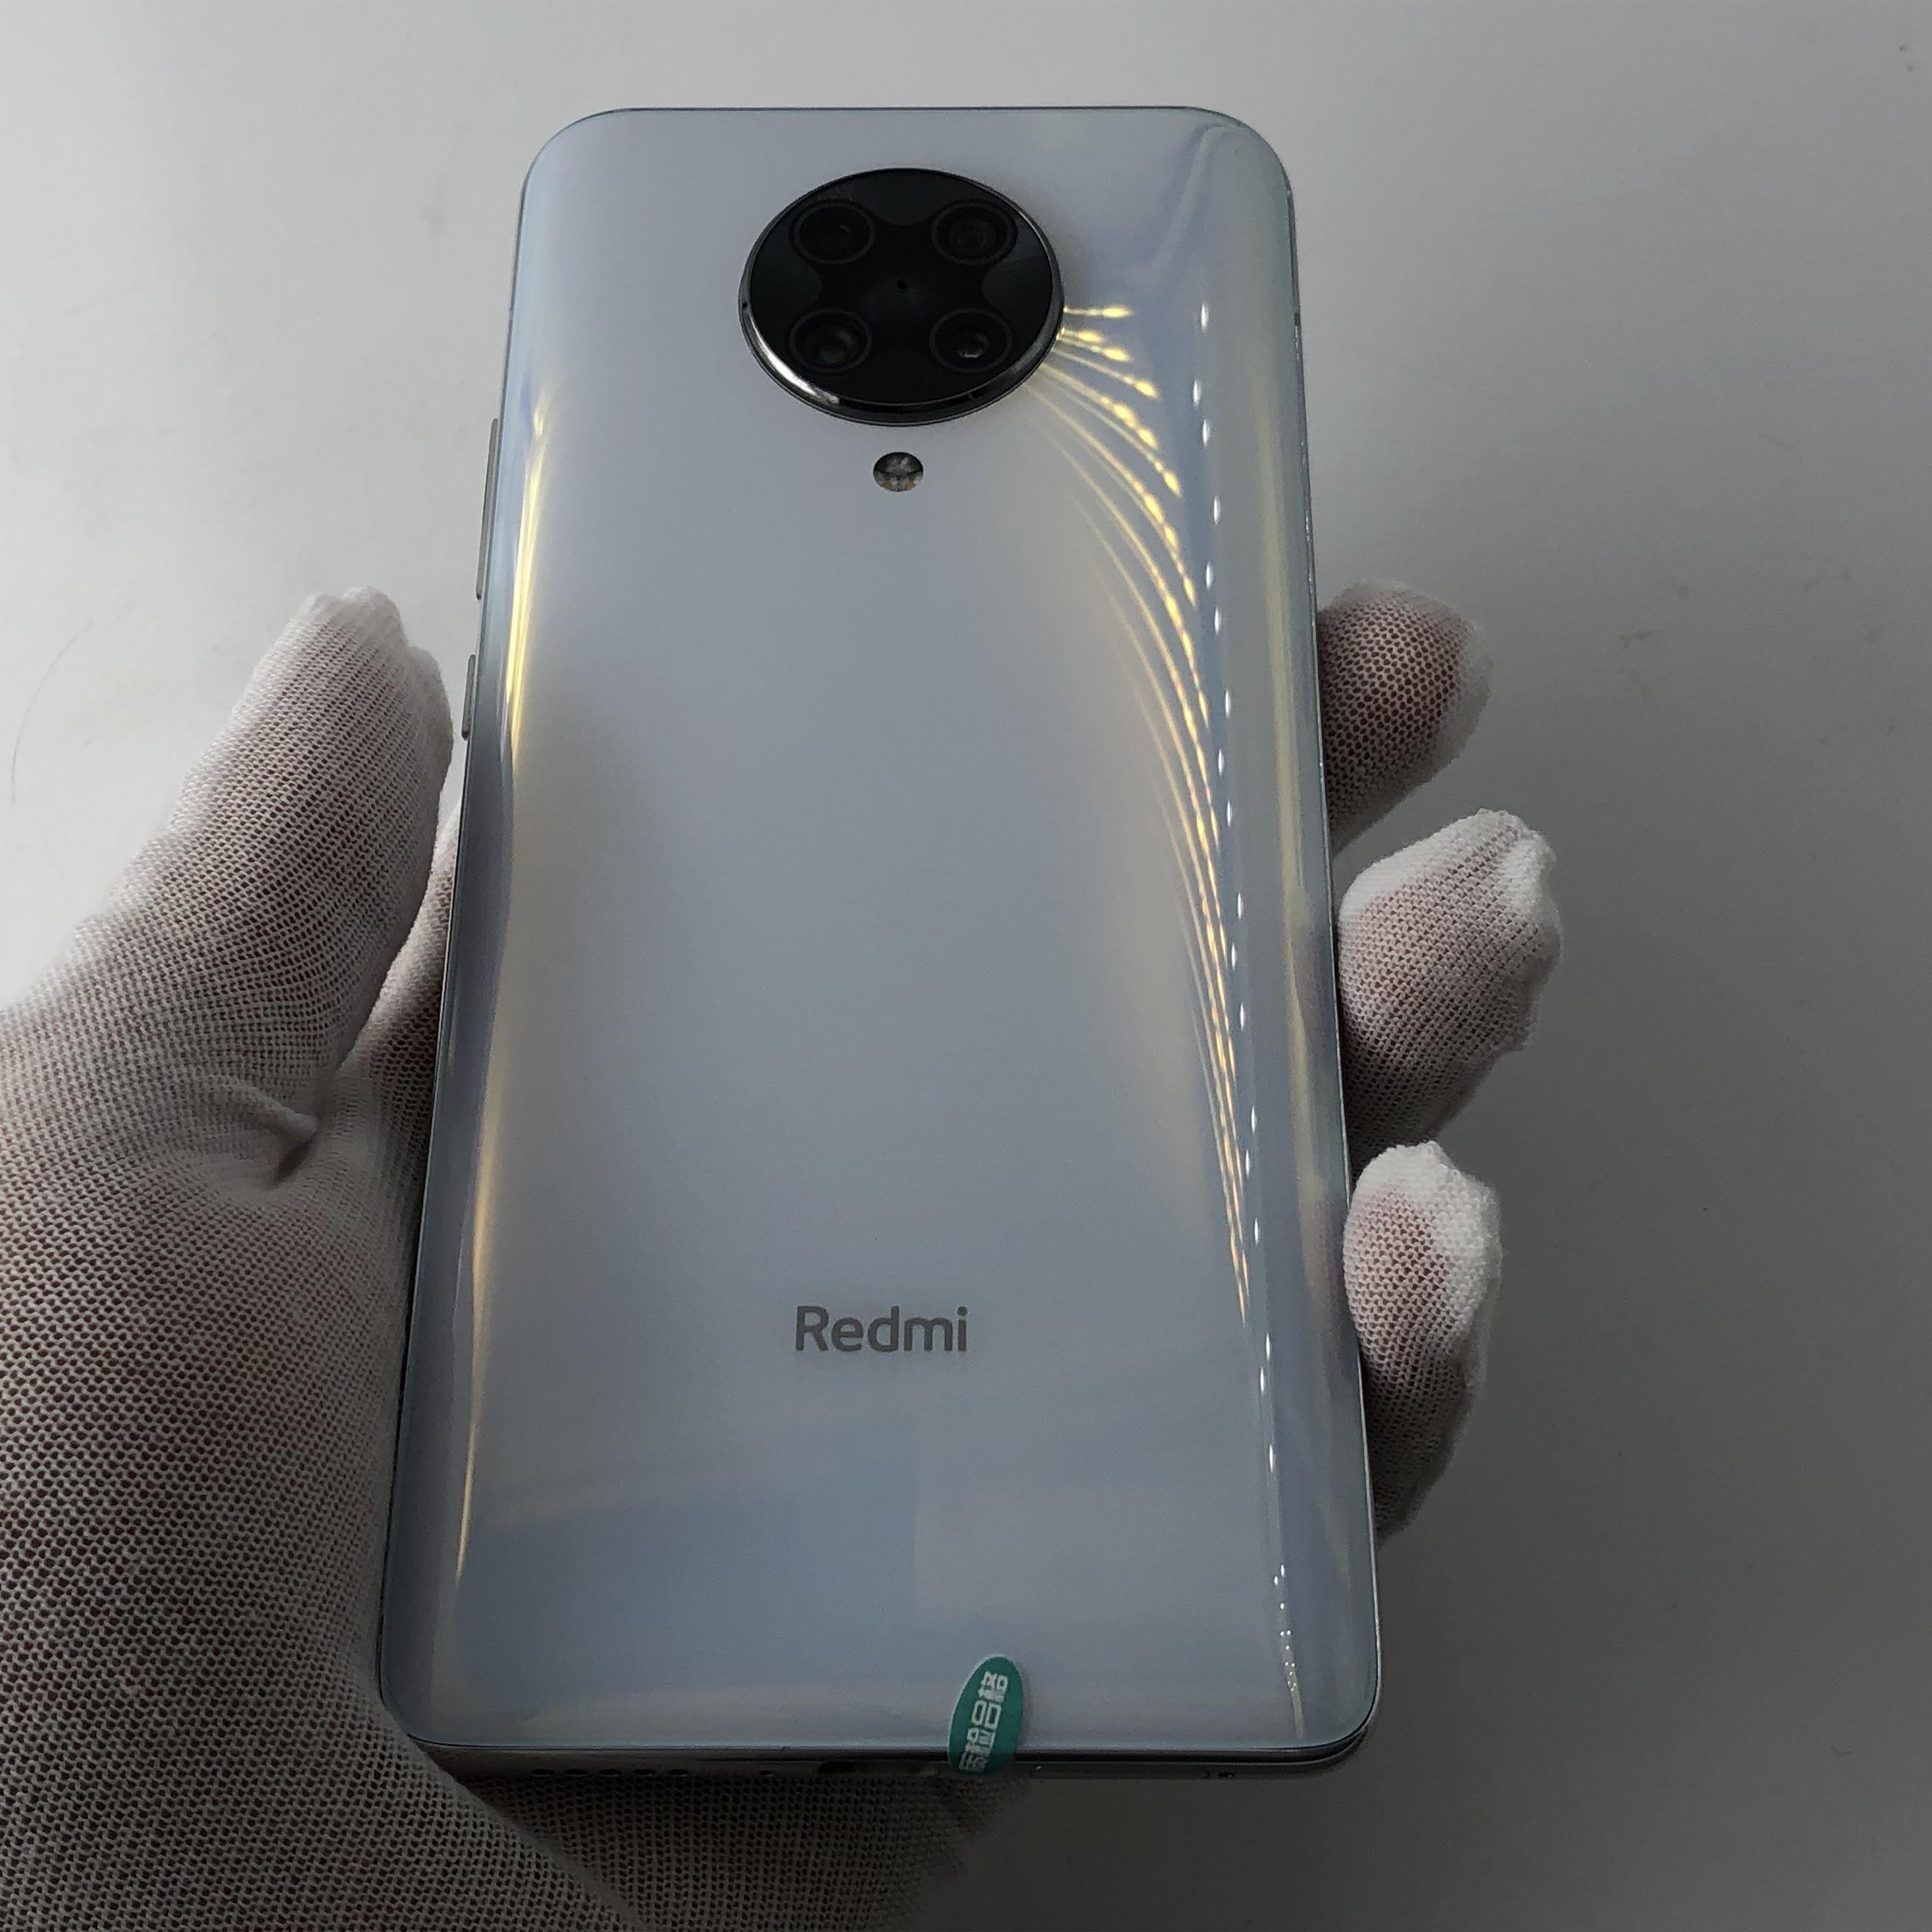 小米【Redmi K30 至尊 5G】5G全网通 月幕白 6G/128G 国行 99新